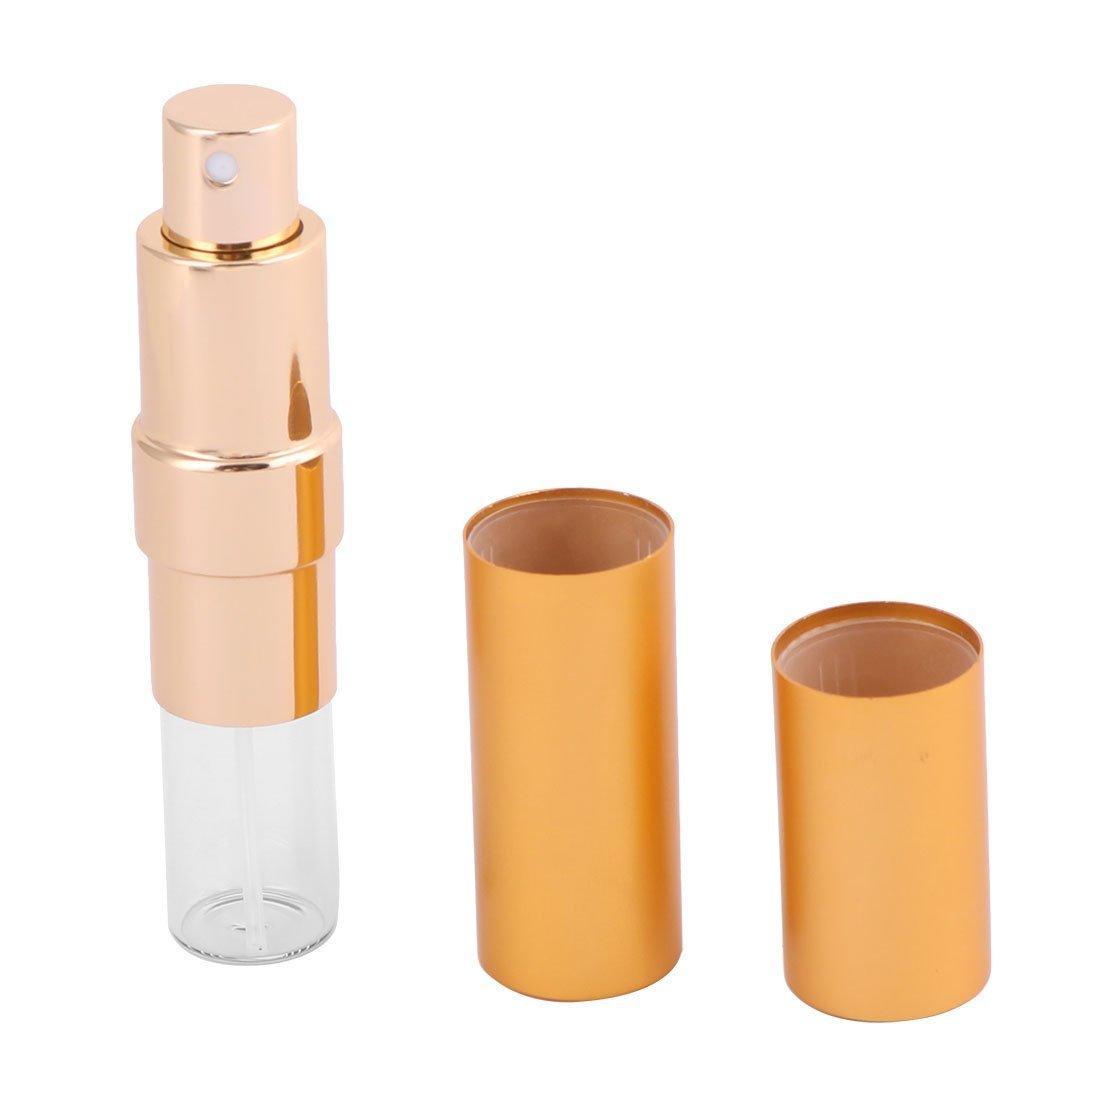 Amazon.com: eDealMax aleación DE 15 ml portátil en Forma de lápiz Labial Mini Botella del aerosol de Perfume del atomizador del tono de oro: Health ...